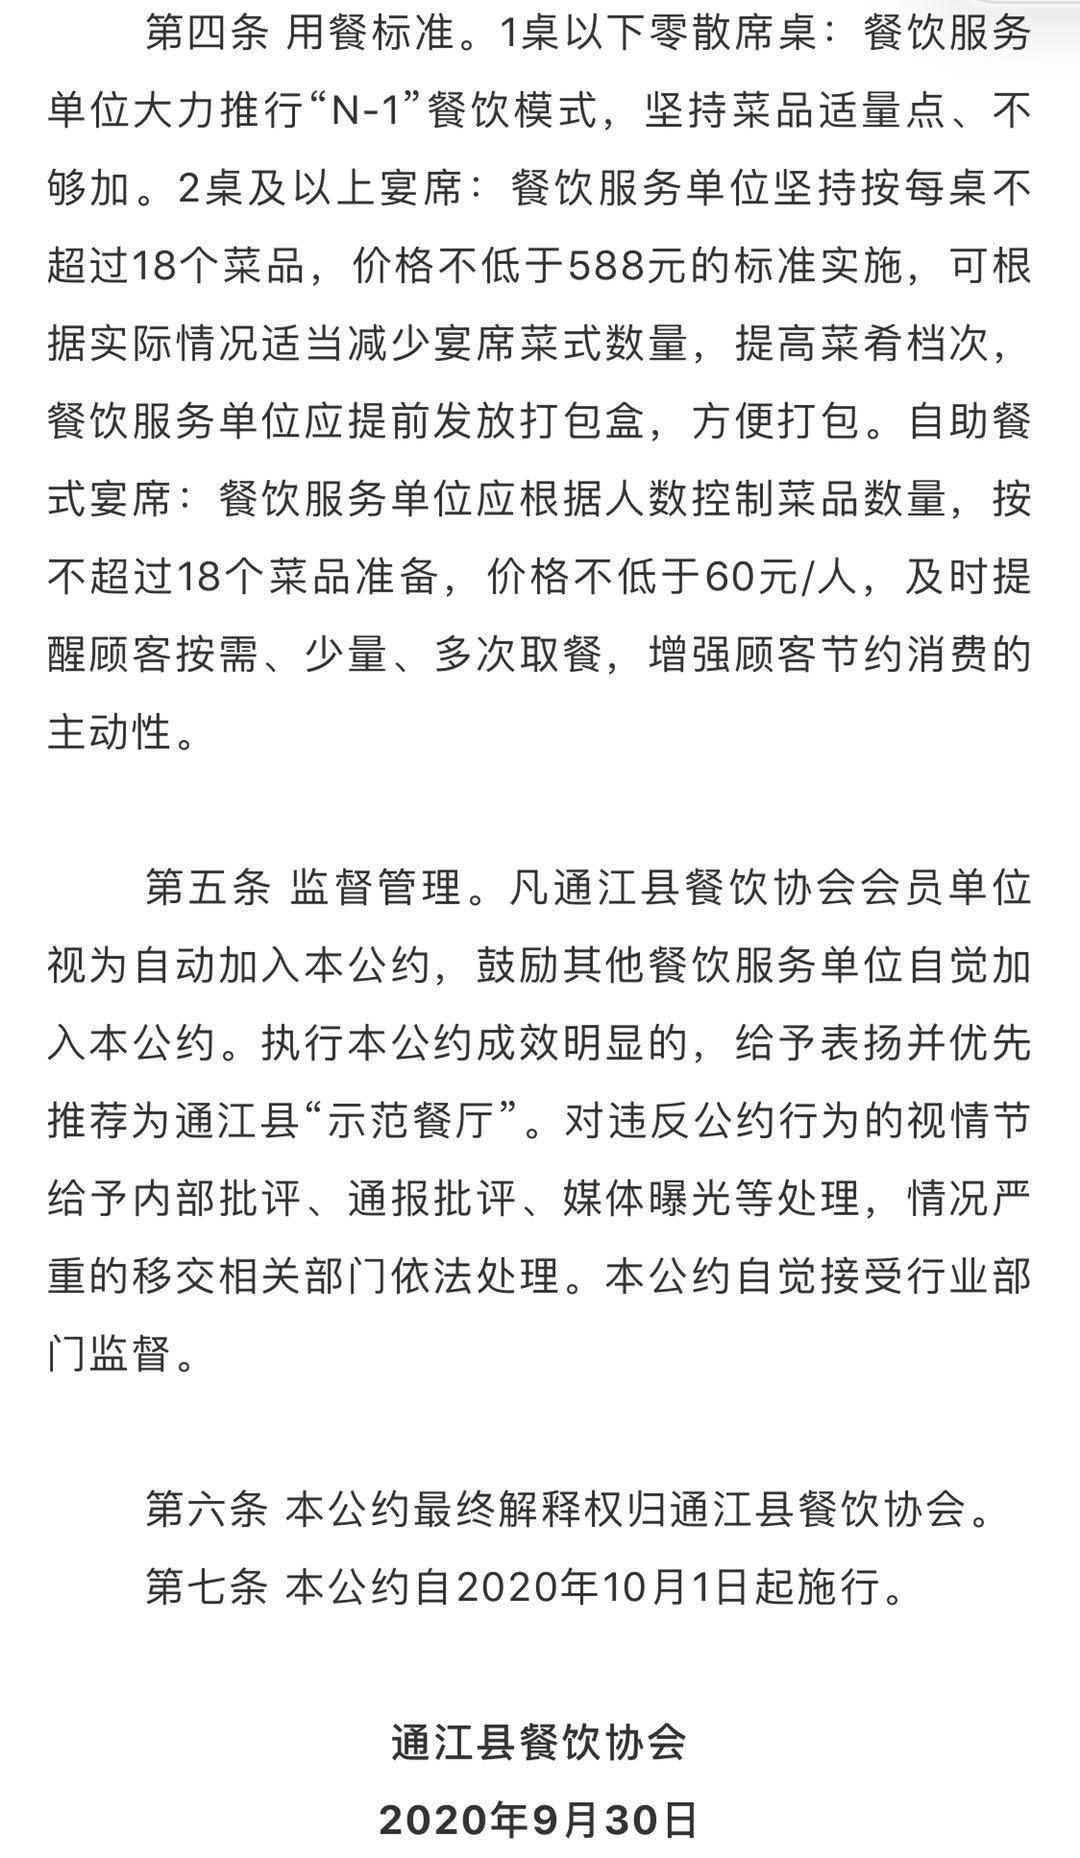 """【流氓胖】_四川通江餐饮协会回应""""每桌不低于588元""""公约:打错字了,非强制"""